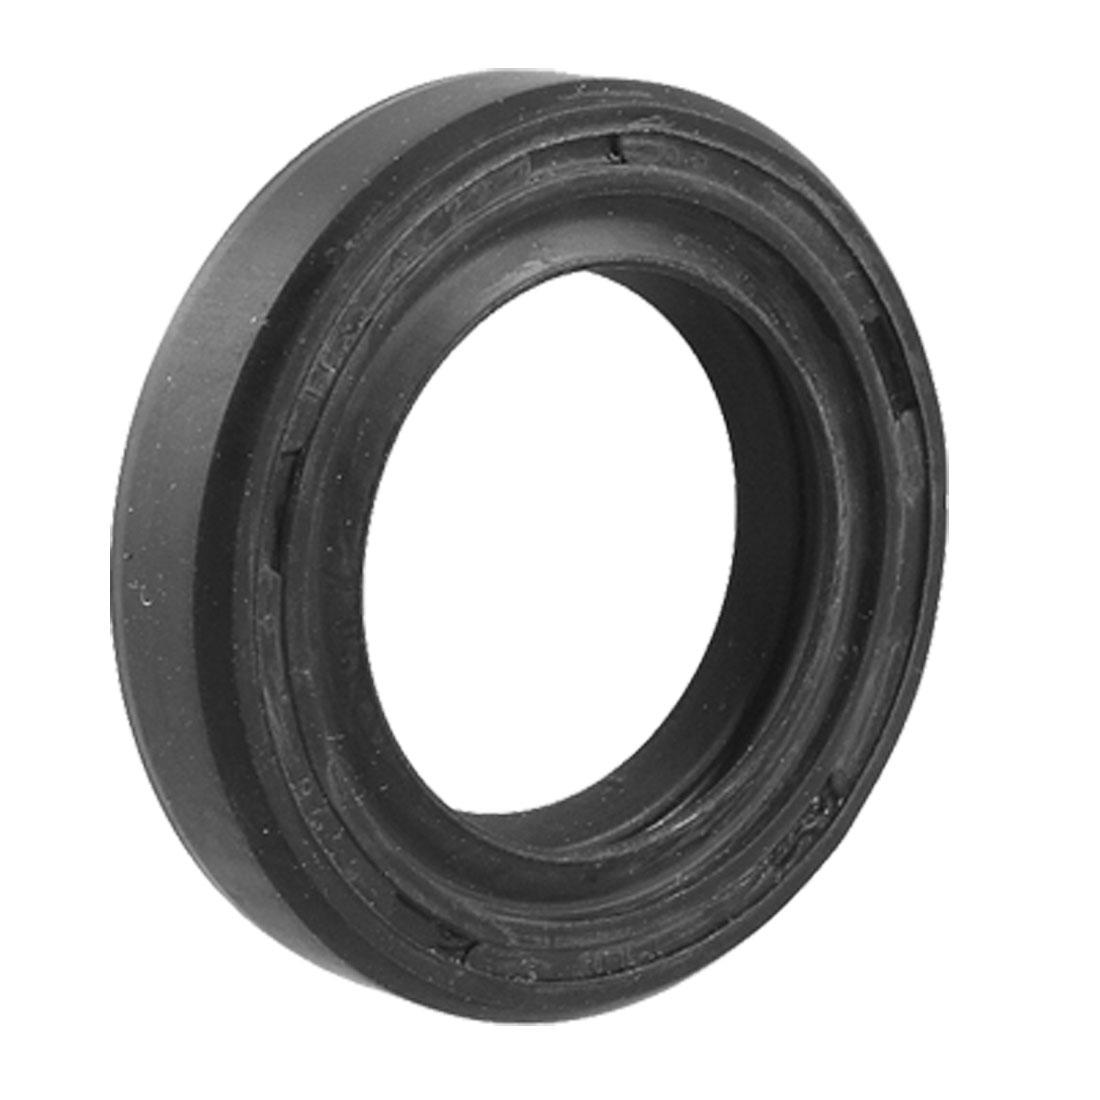 Metric Oil Shaft Seal 22 x 35 x 7 22x35x7 Double Lip TC Oil Seals Oxdvu